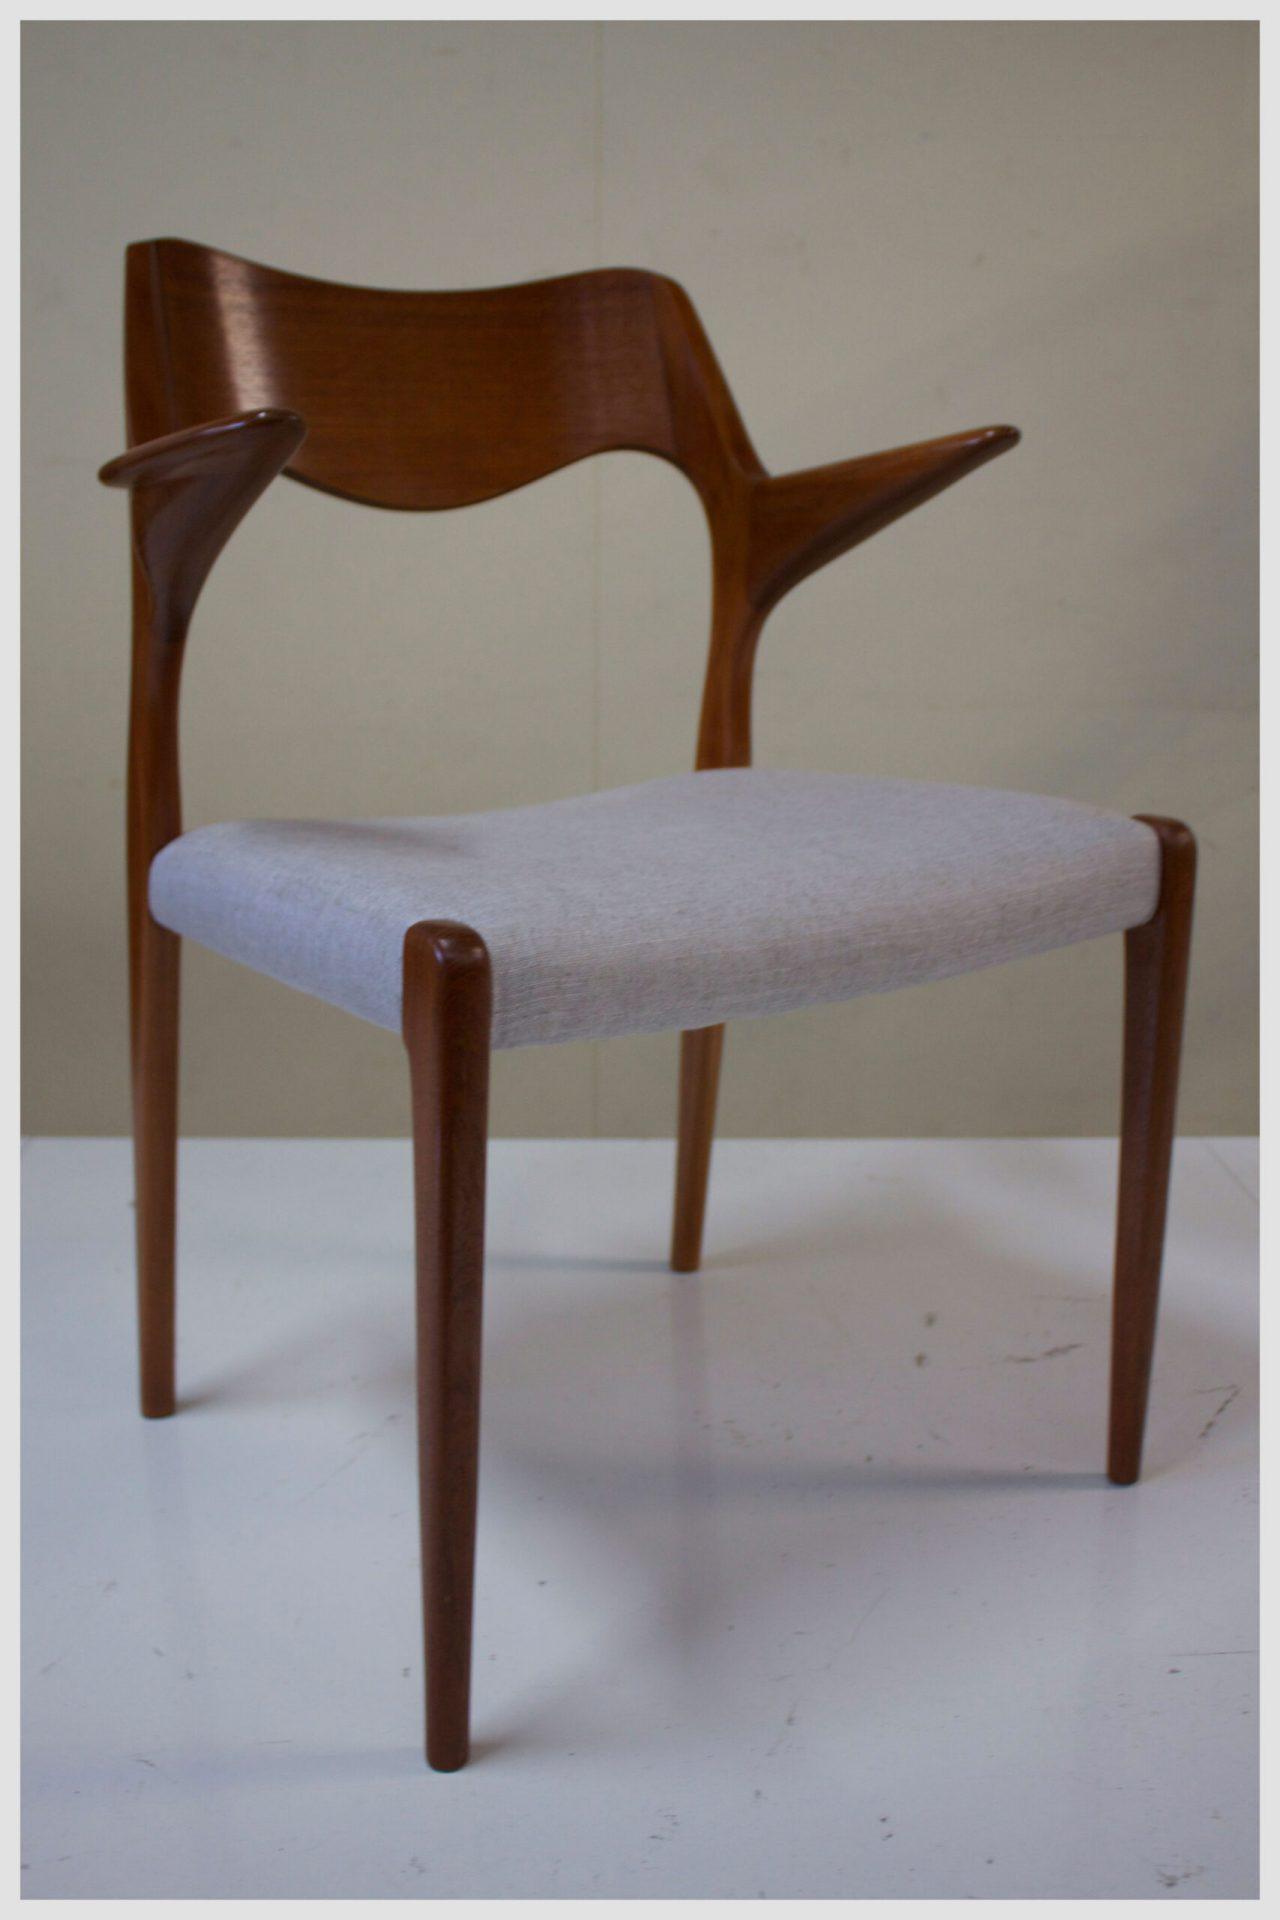 Moller #55 Teak chair